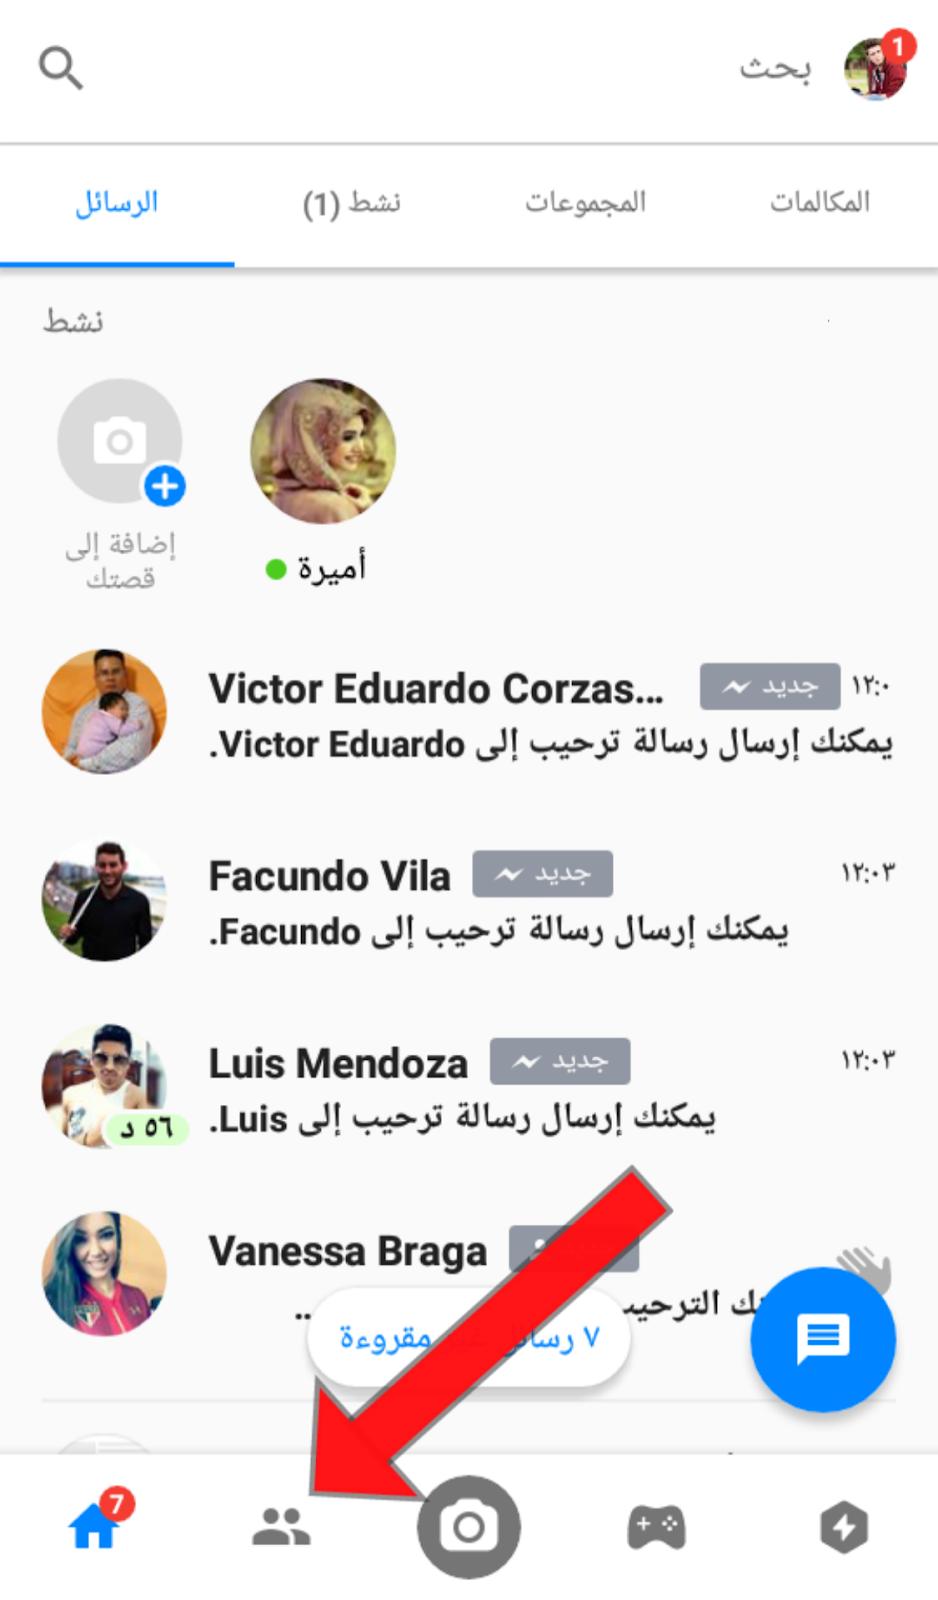 ميزة ماسنجر تمكنك من معرفة اسم فيسبوك من رقم الهاتف فقط